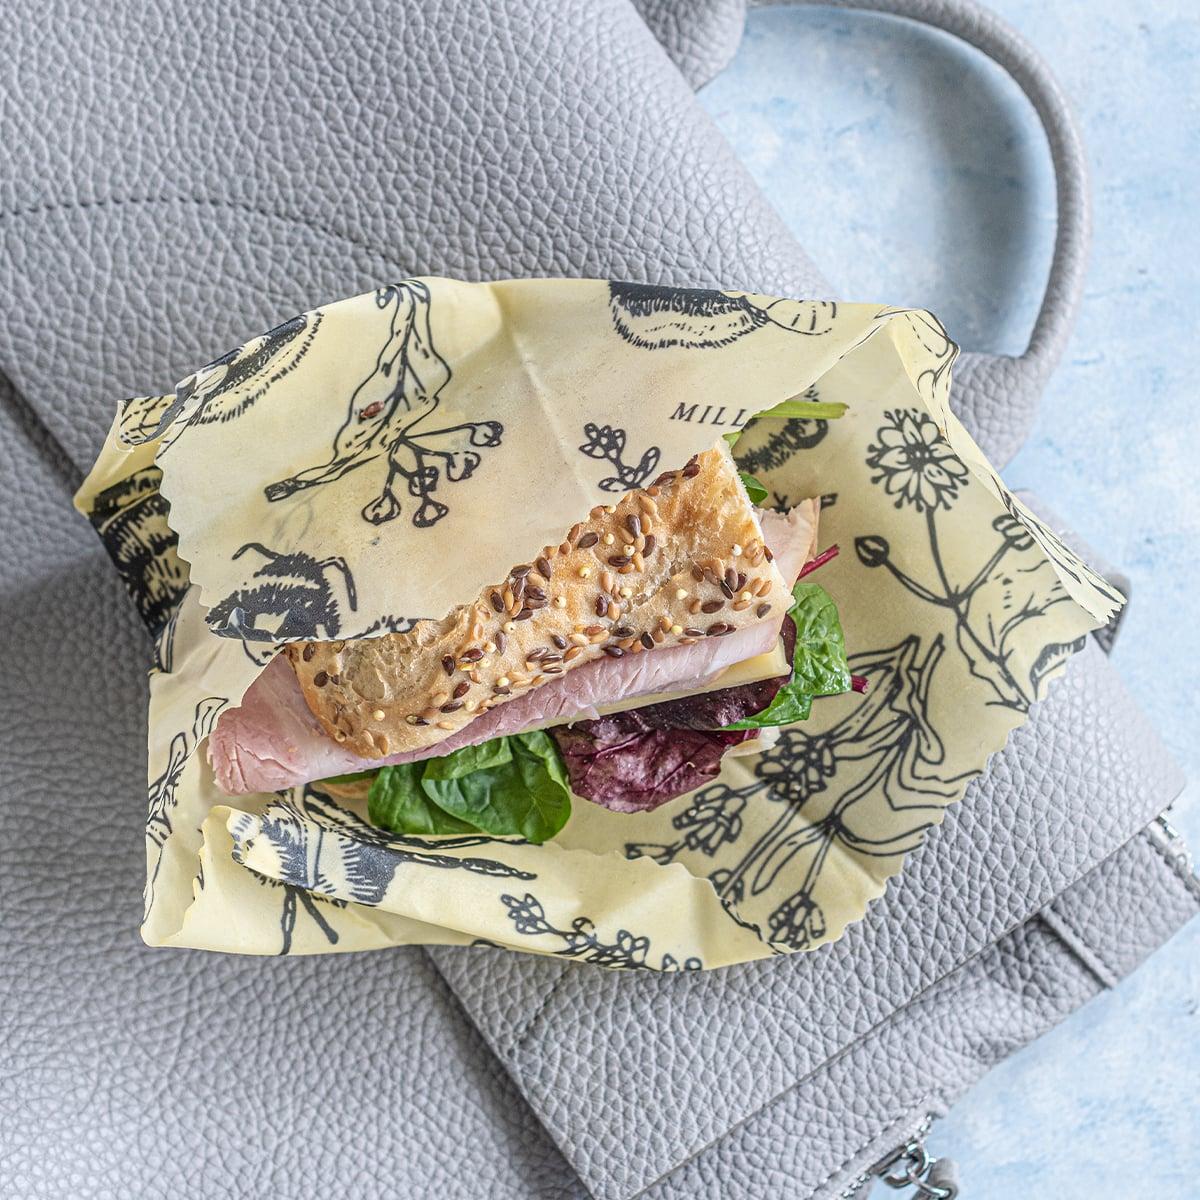 Belegtes Brot in Bienenwachstuch auf Handtasche